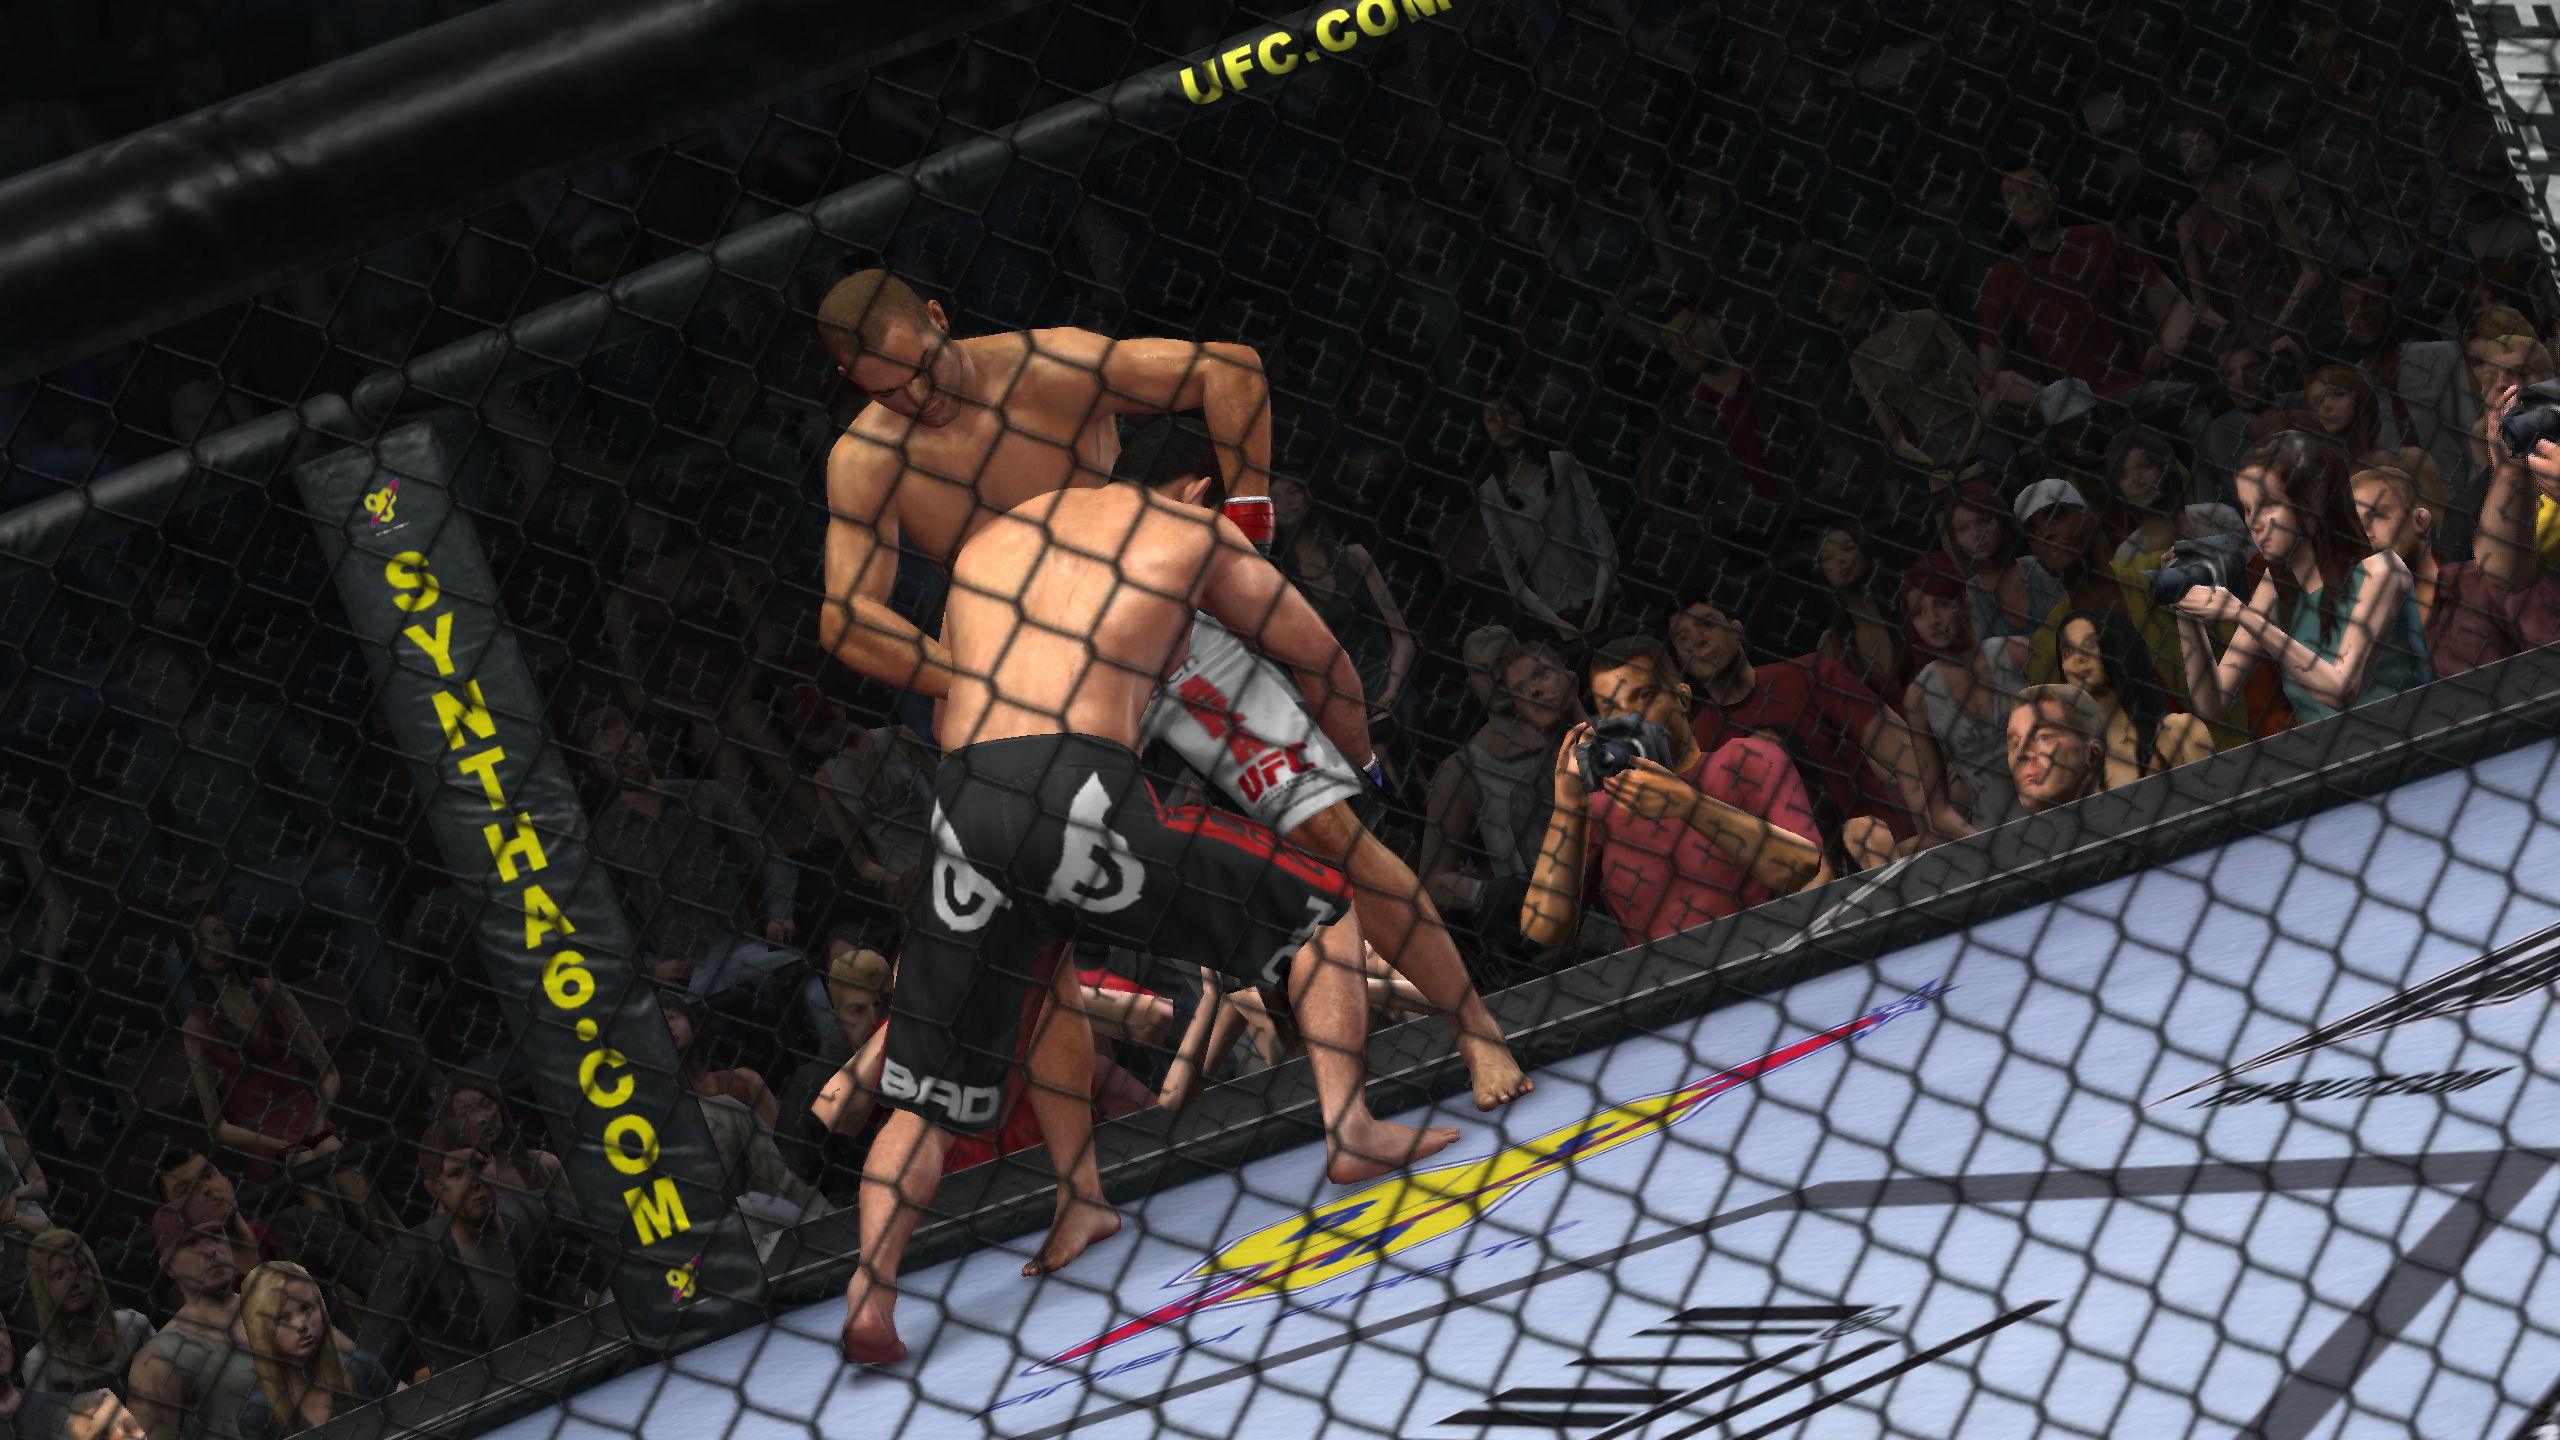 UFC2010Undisputed Editeur Multi 001